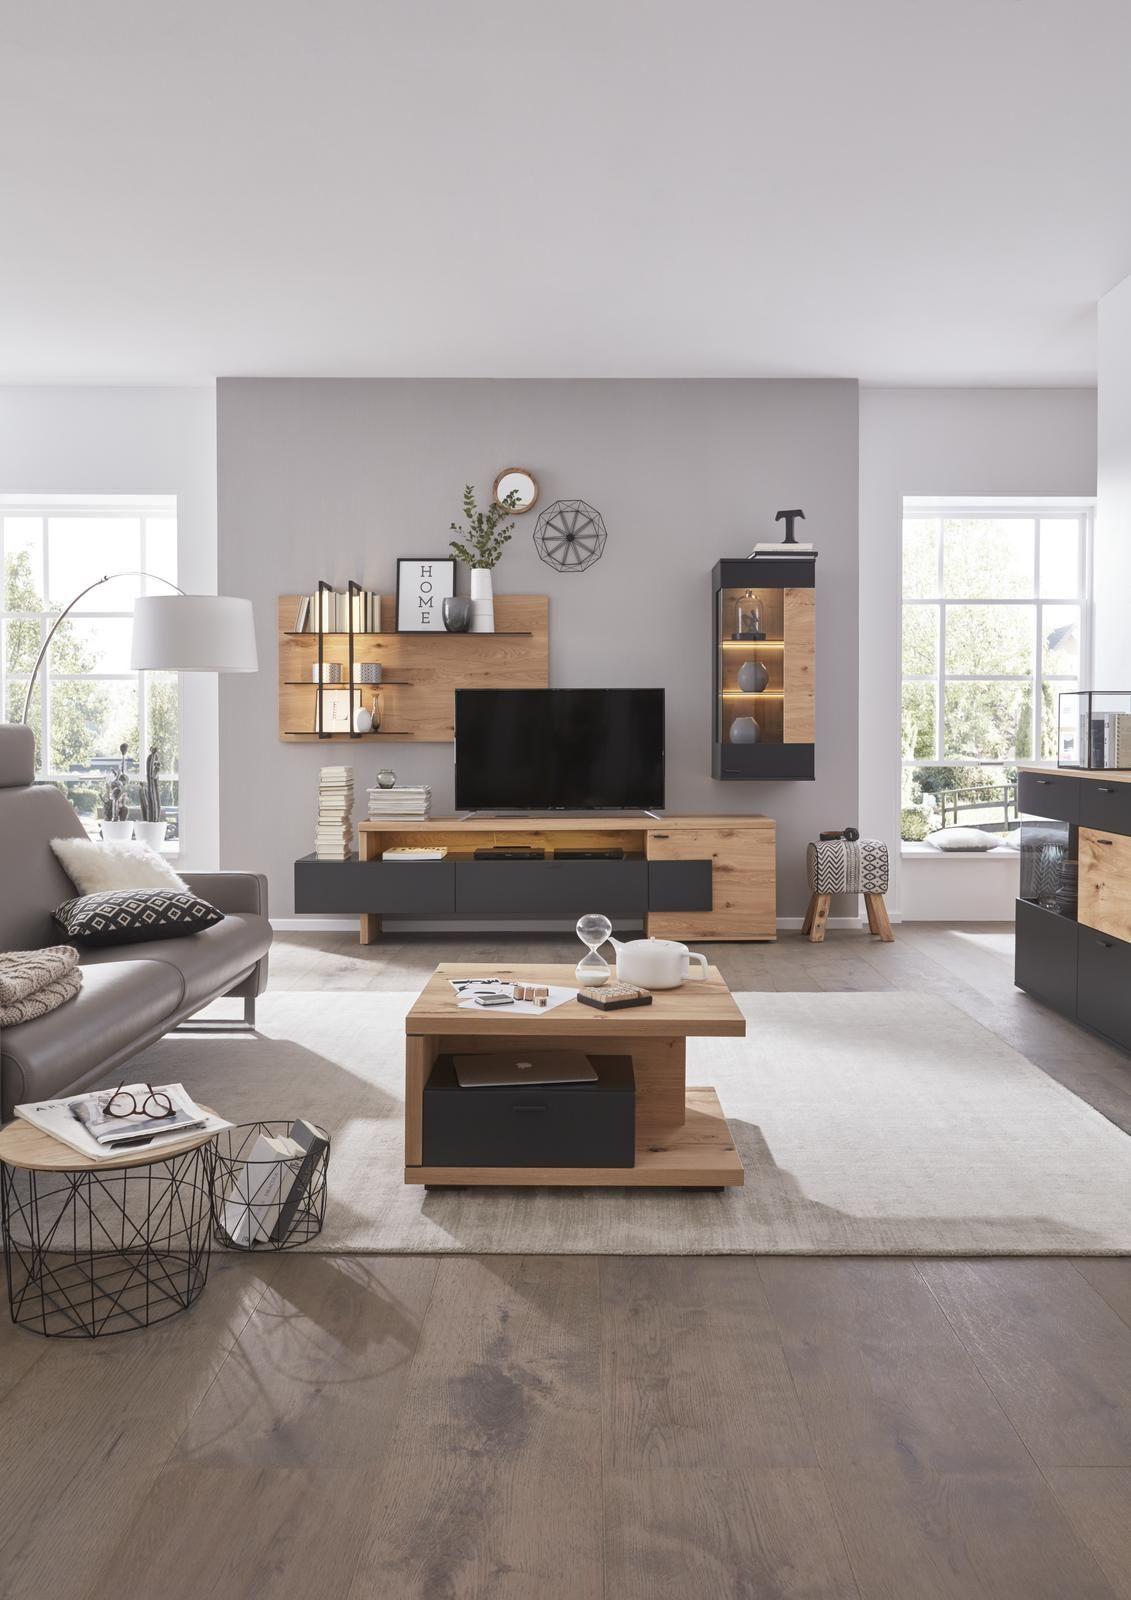 wohnzimmermoebel holz schwarz  minimalistisches und